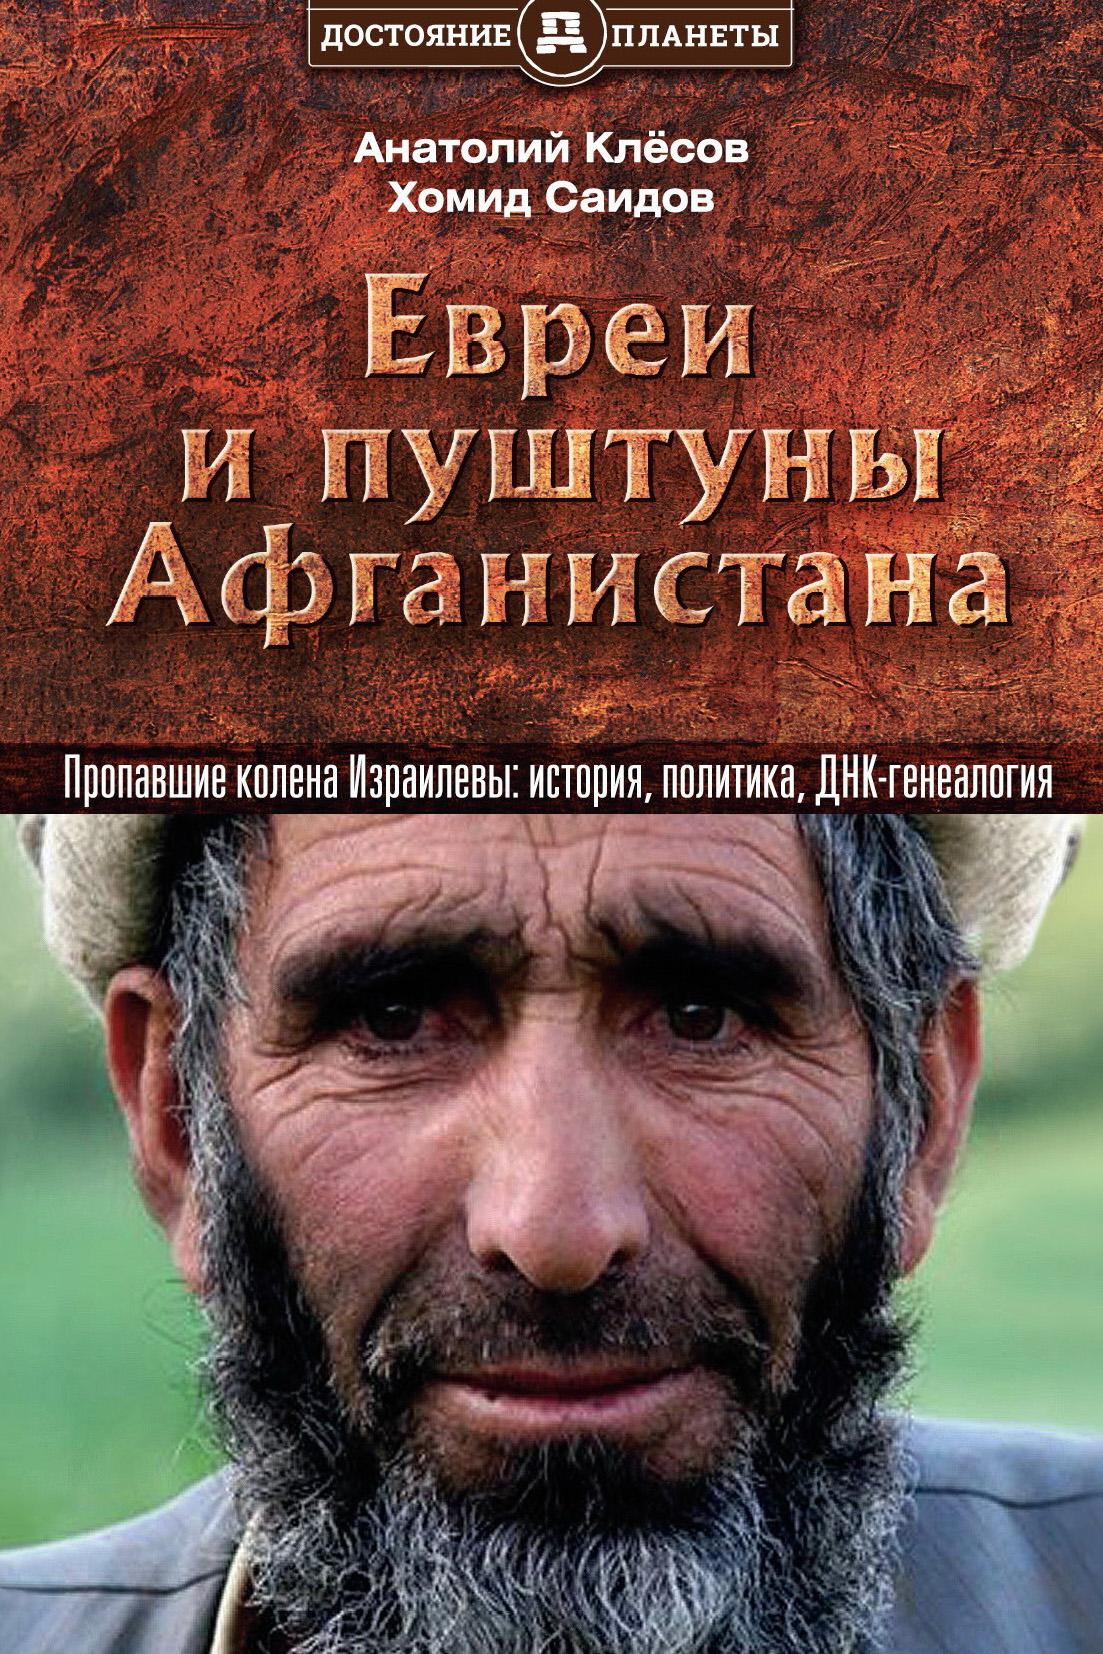 Евреи и пуштуны Афганистана. Пропавшие колена Израилевы: история, политика и ДНК-генеалогия фото